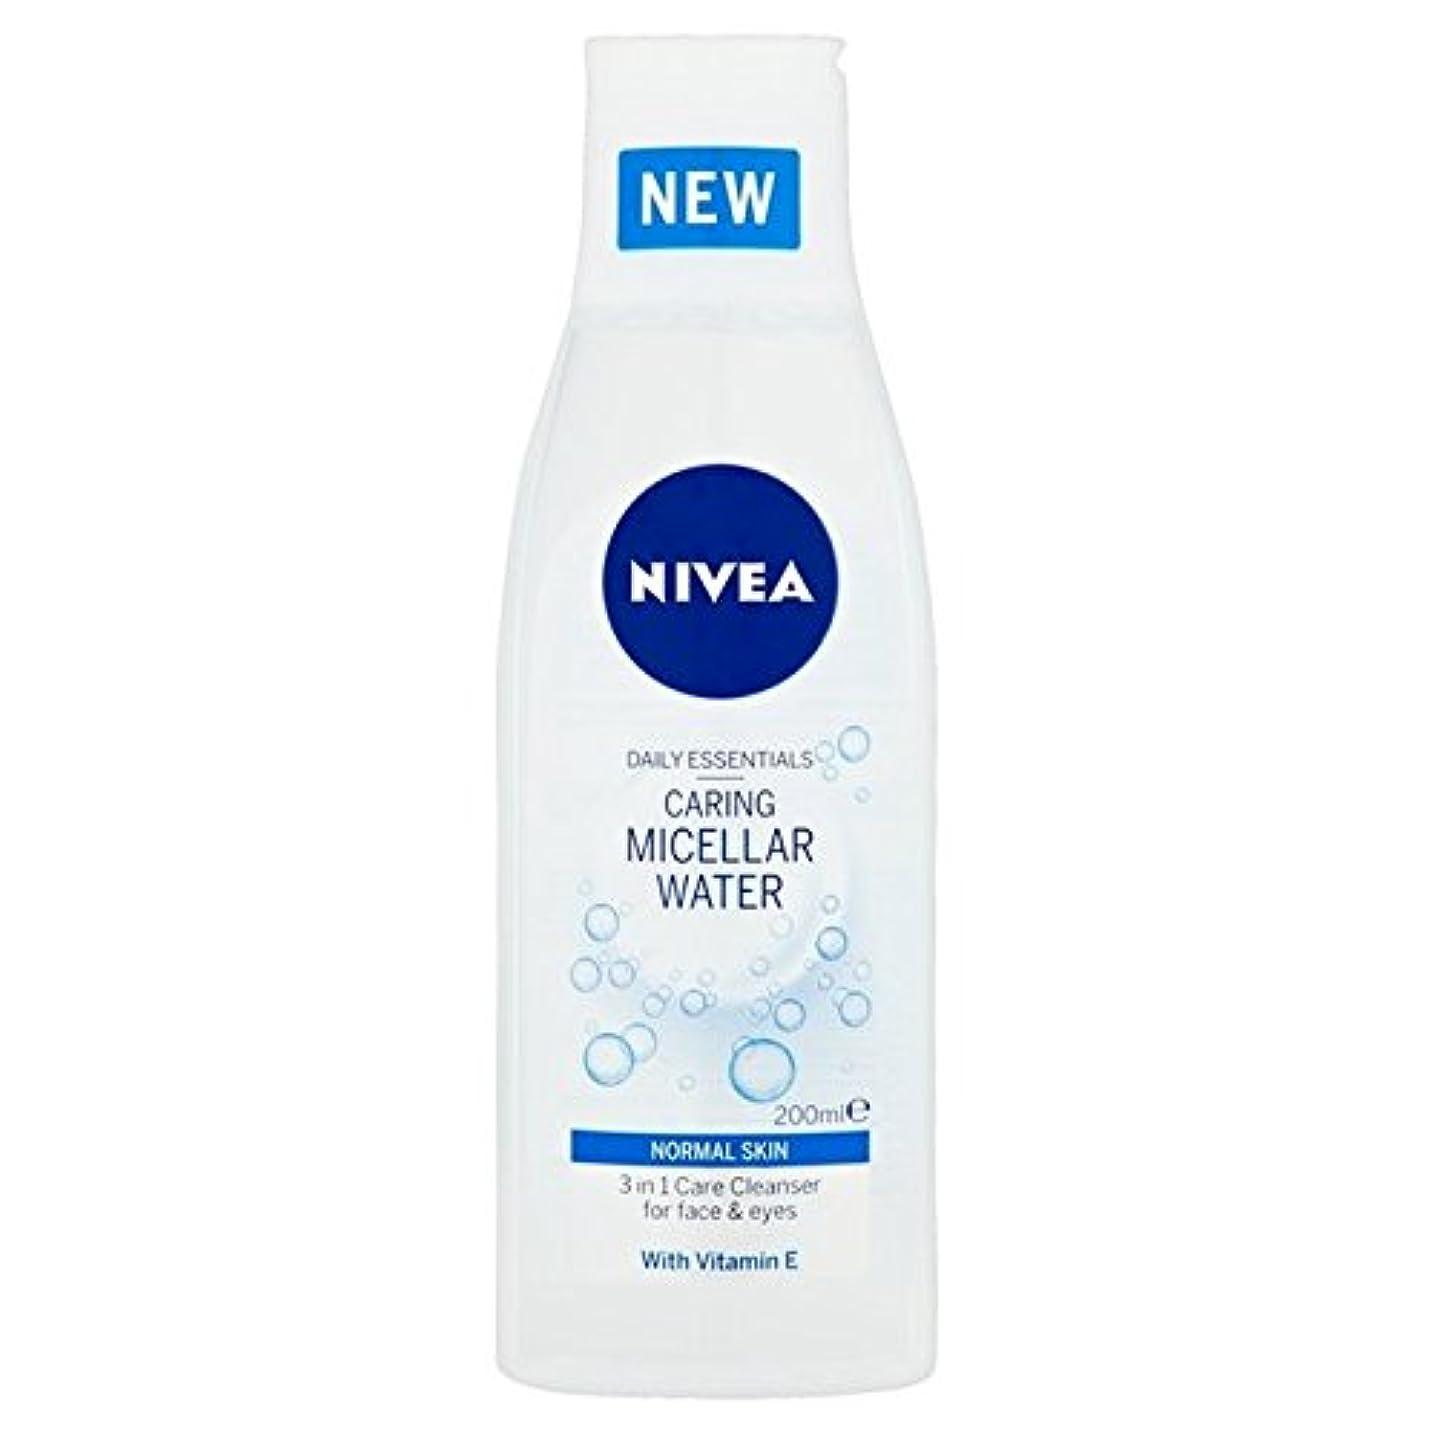 1つの敏感な思いやりのあるミセル水の正常な皮膚の200ミリリットルでニベア3 x2 - Nivea 3 in 1 Sensitive Caring Micellar Water Normal Skin 200ml (Pack...